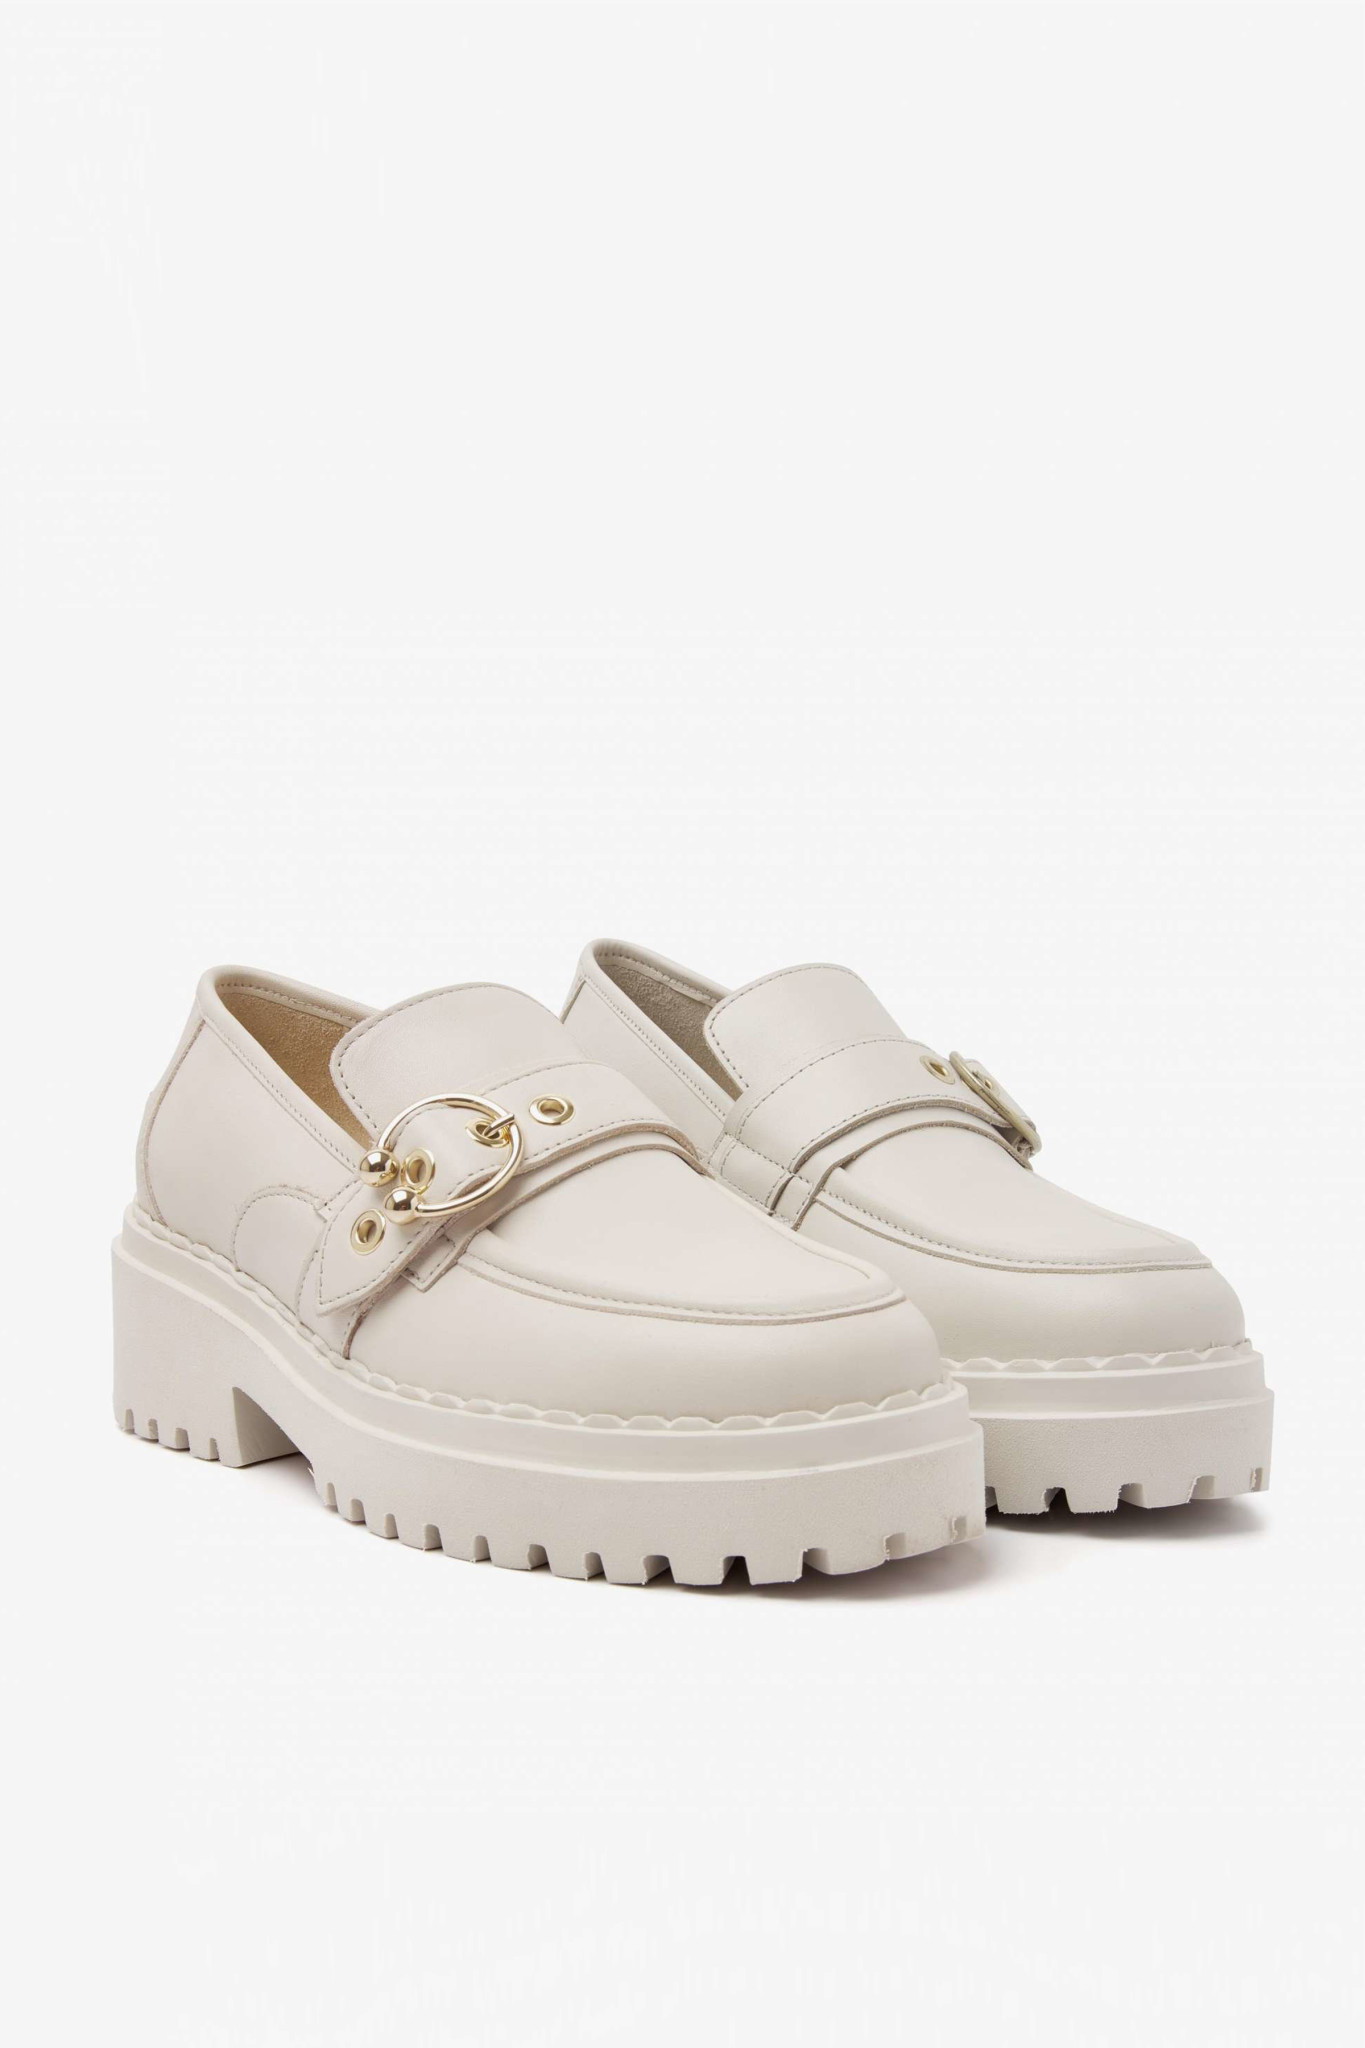 Fae Gatsby Sandals - Beige-1